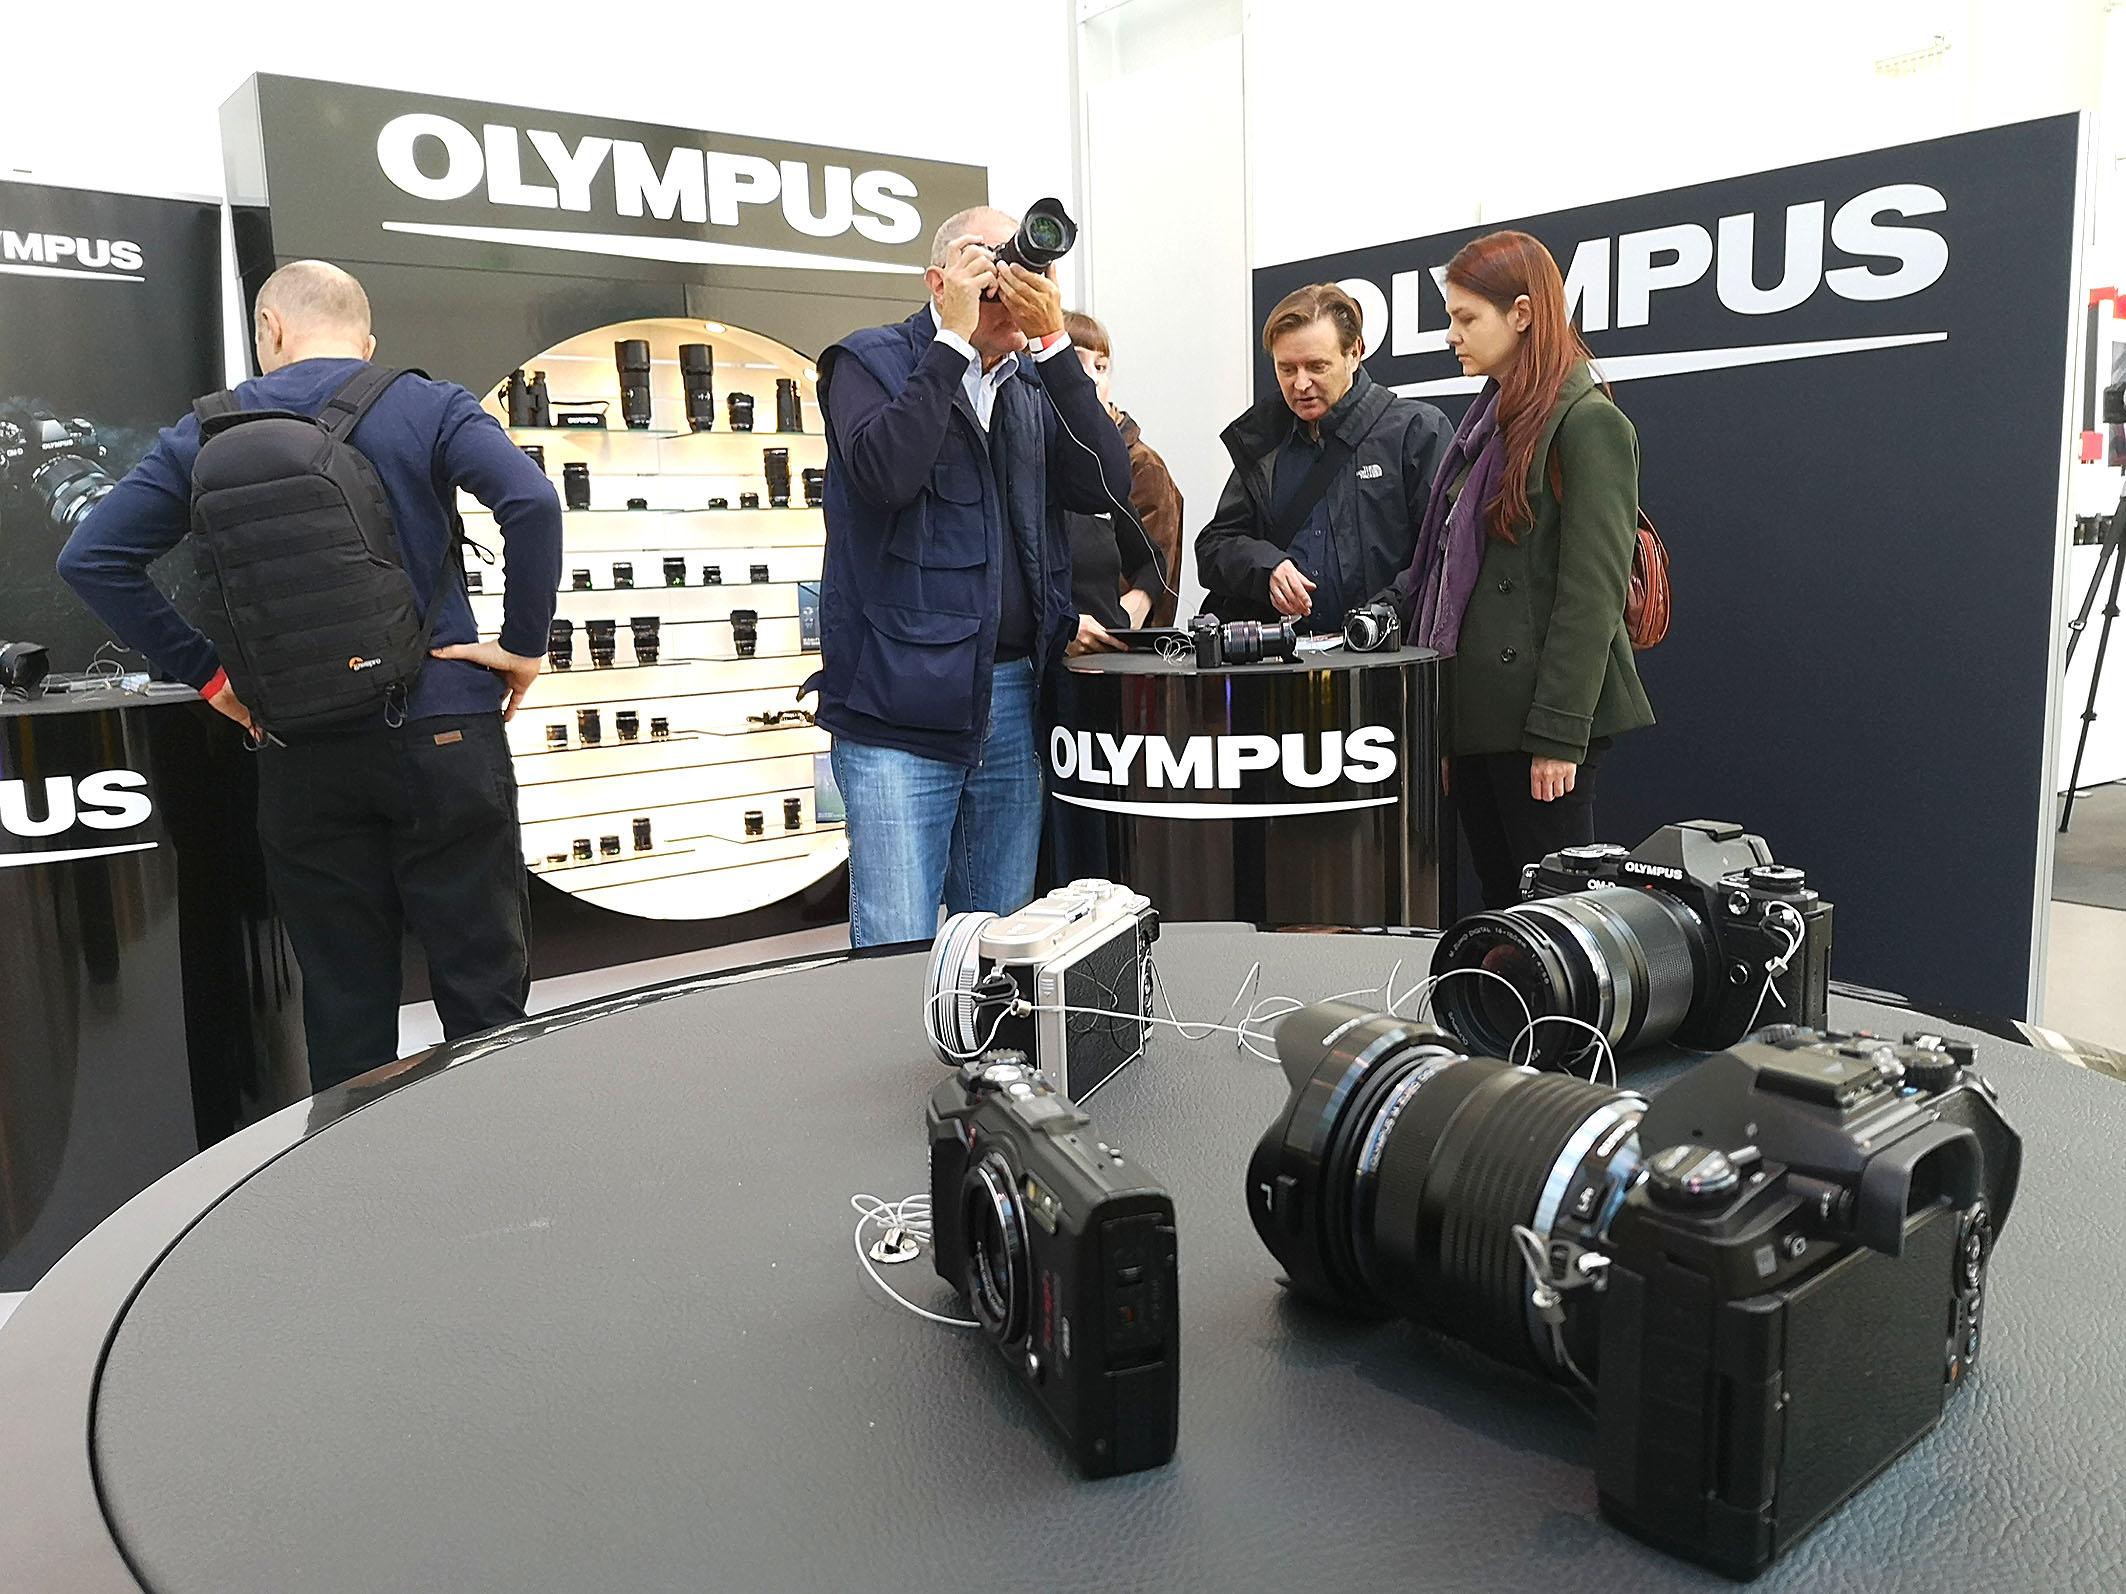 Foto: Michael B. Rehders - Auch bei Olympus konnten Besucher alles nach Lust und Laune ausprobieren.